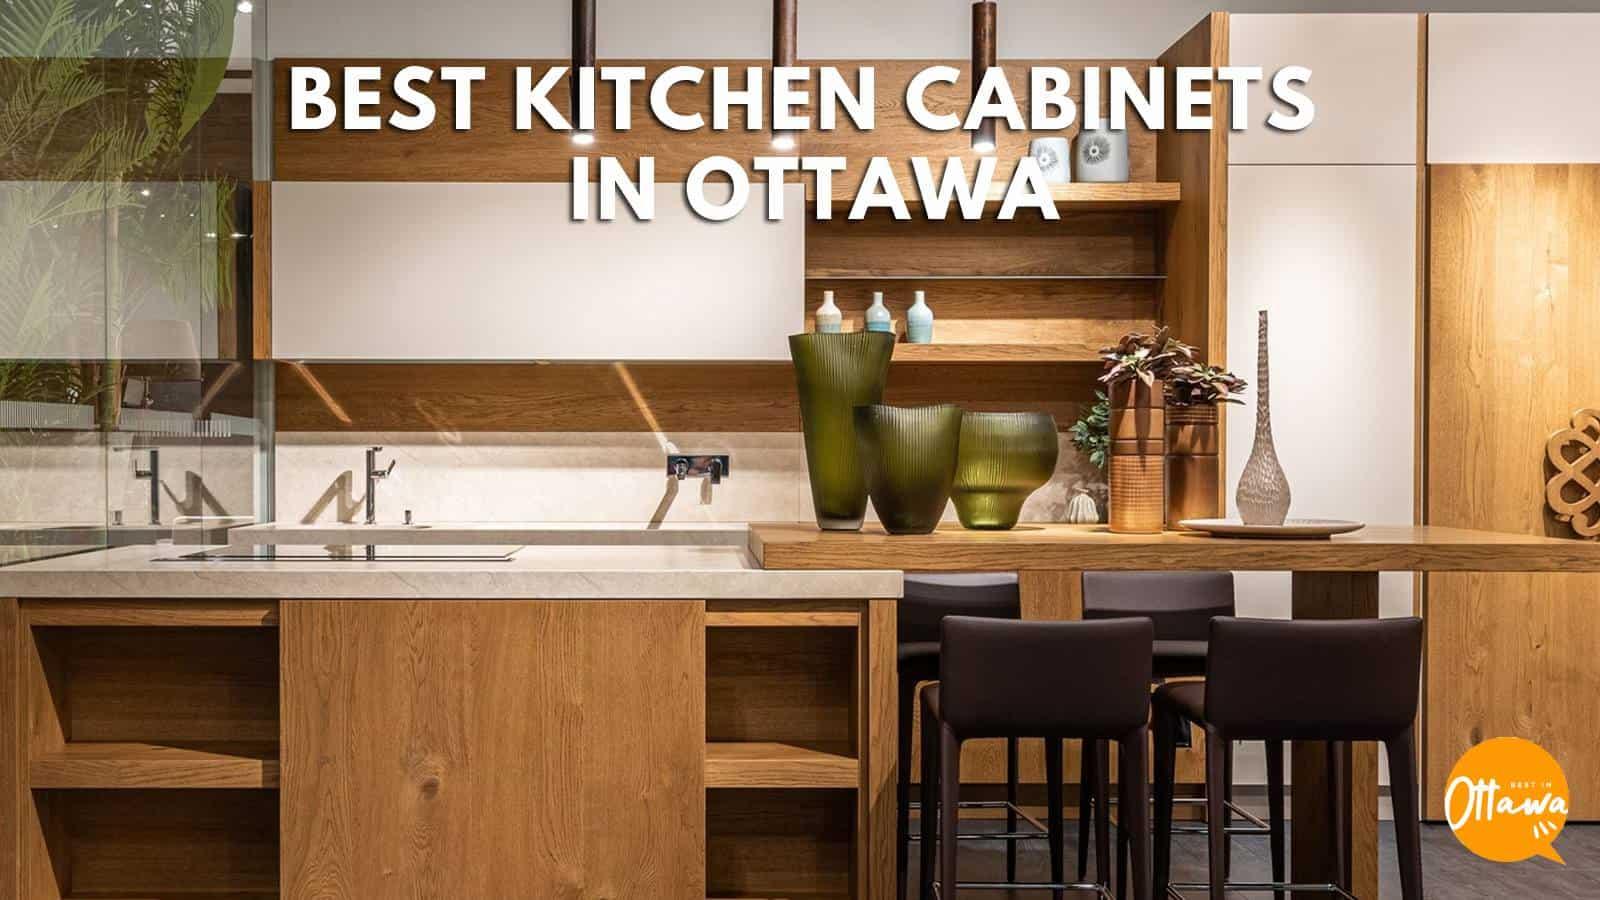 Best Kitchen Cabinets in Ottawa